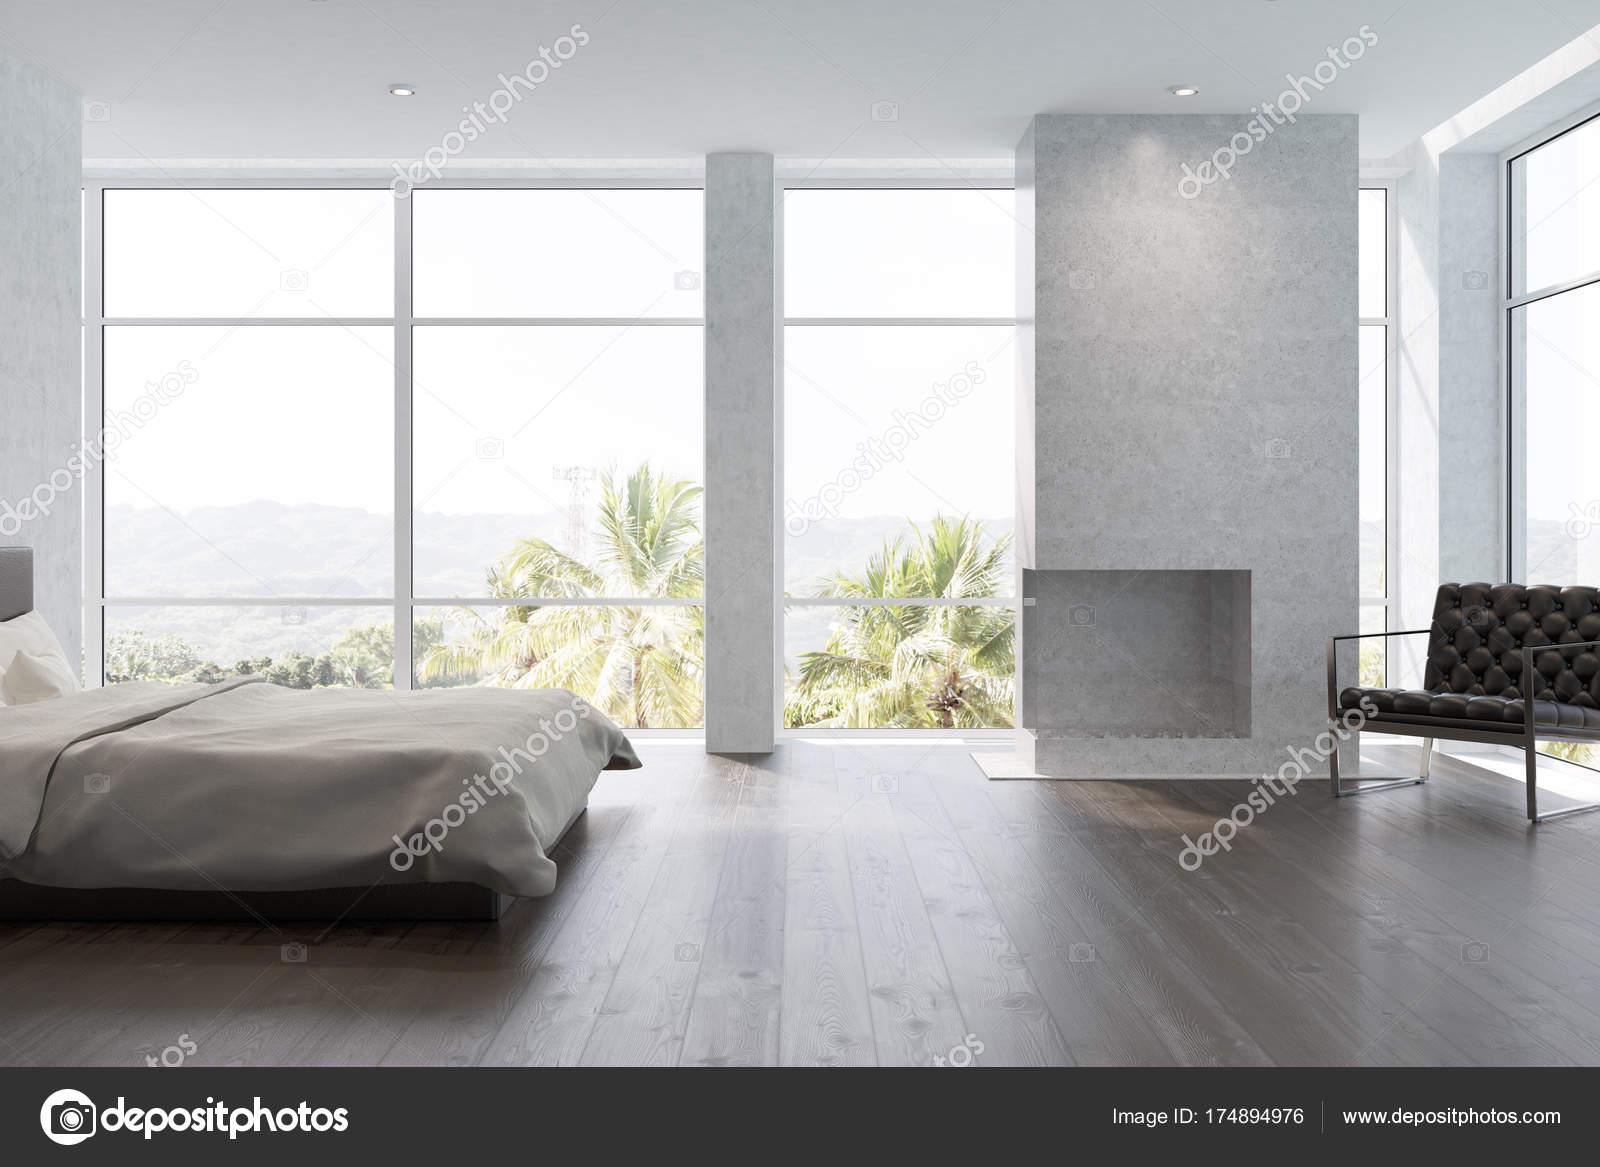 De Witte Slaapkamer : Wit slaapkamer met open haard u2014 stockfoto © denisismagilov #174894976